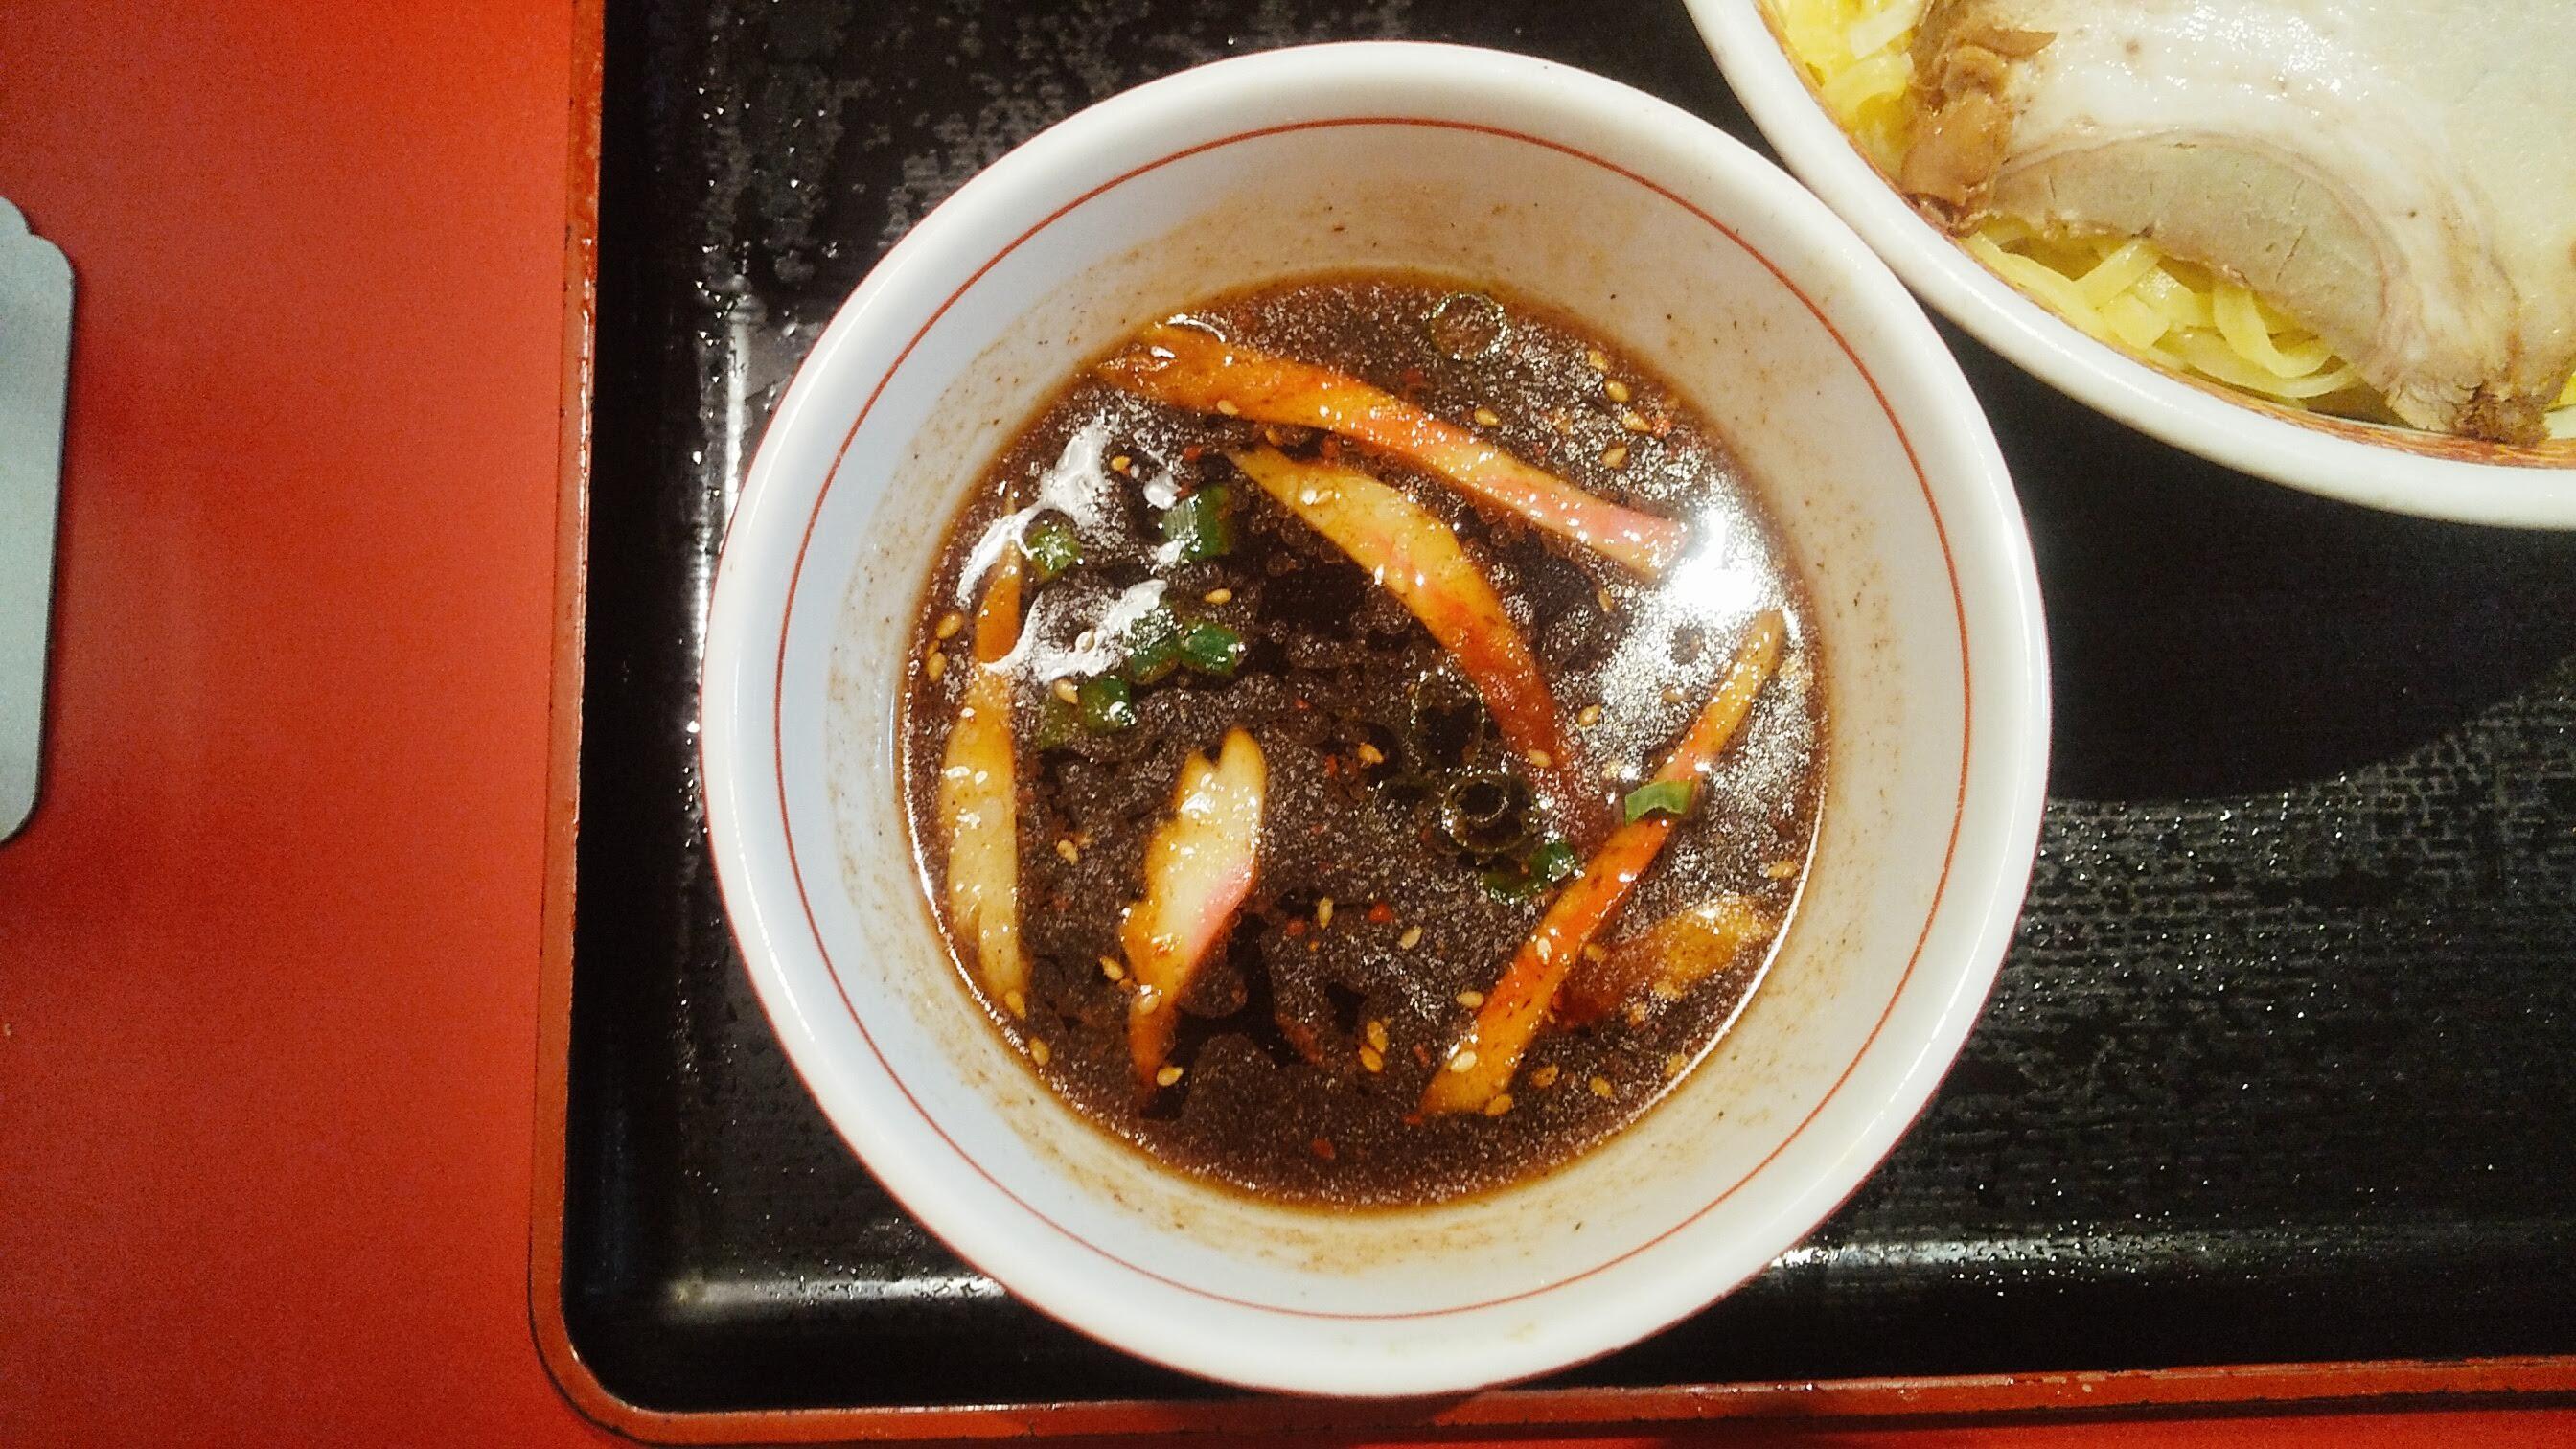 一番館のつけ麺のつけ汁の写真